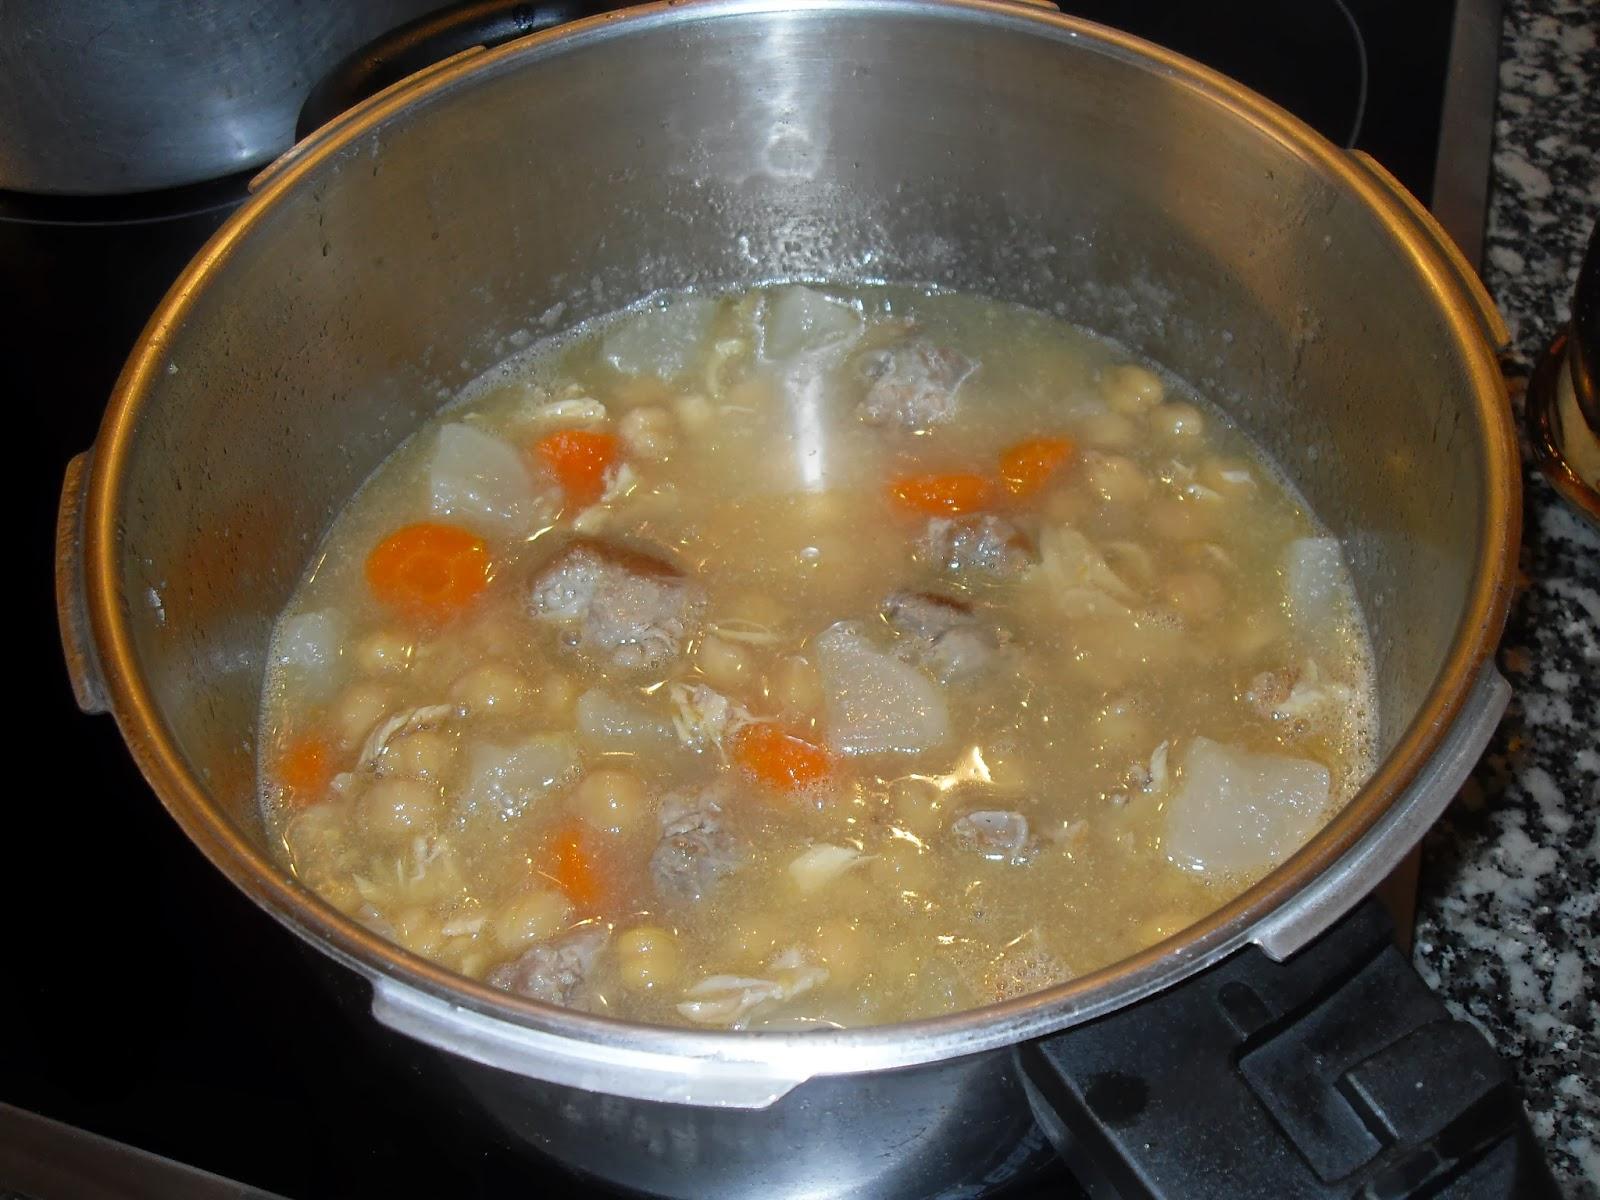 Cociendo los garbanzos.